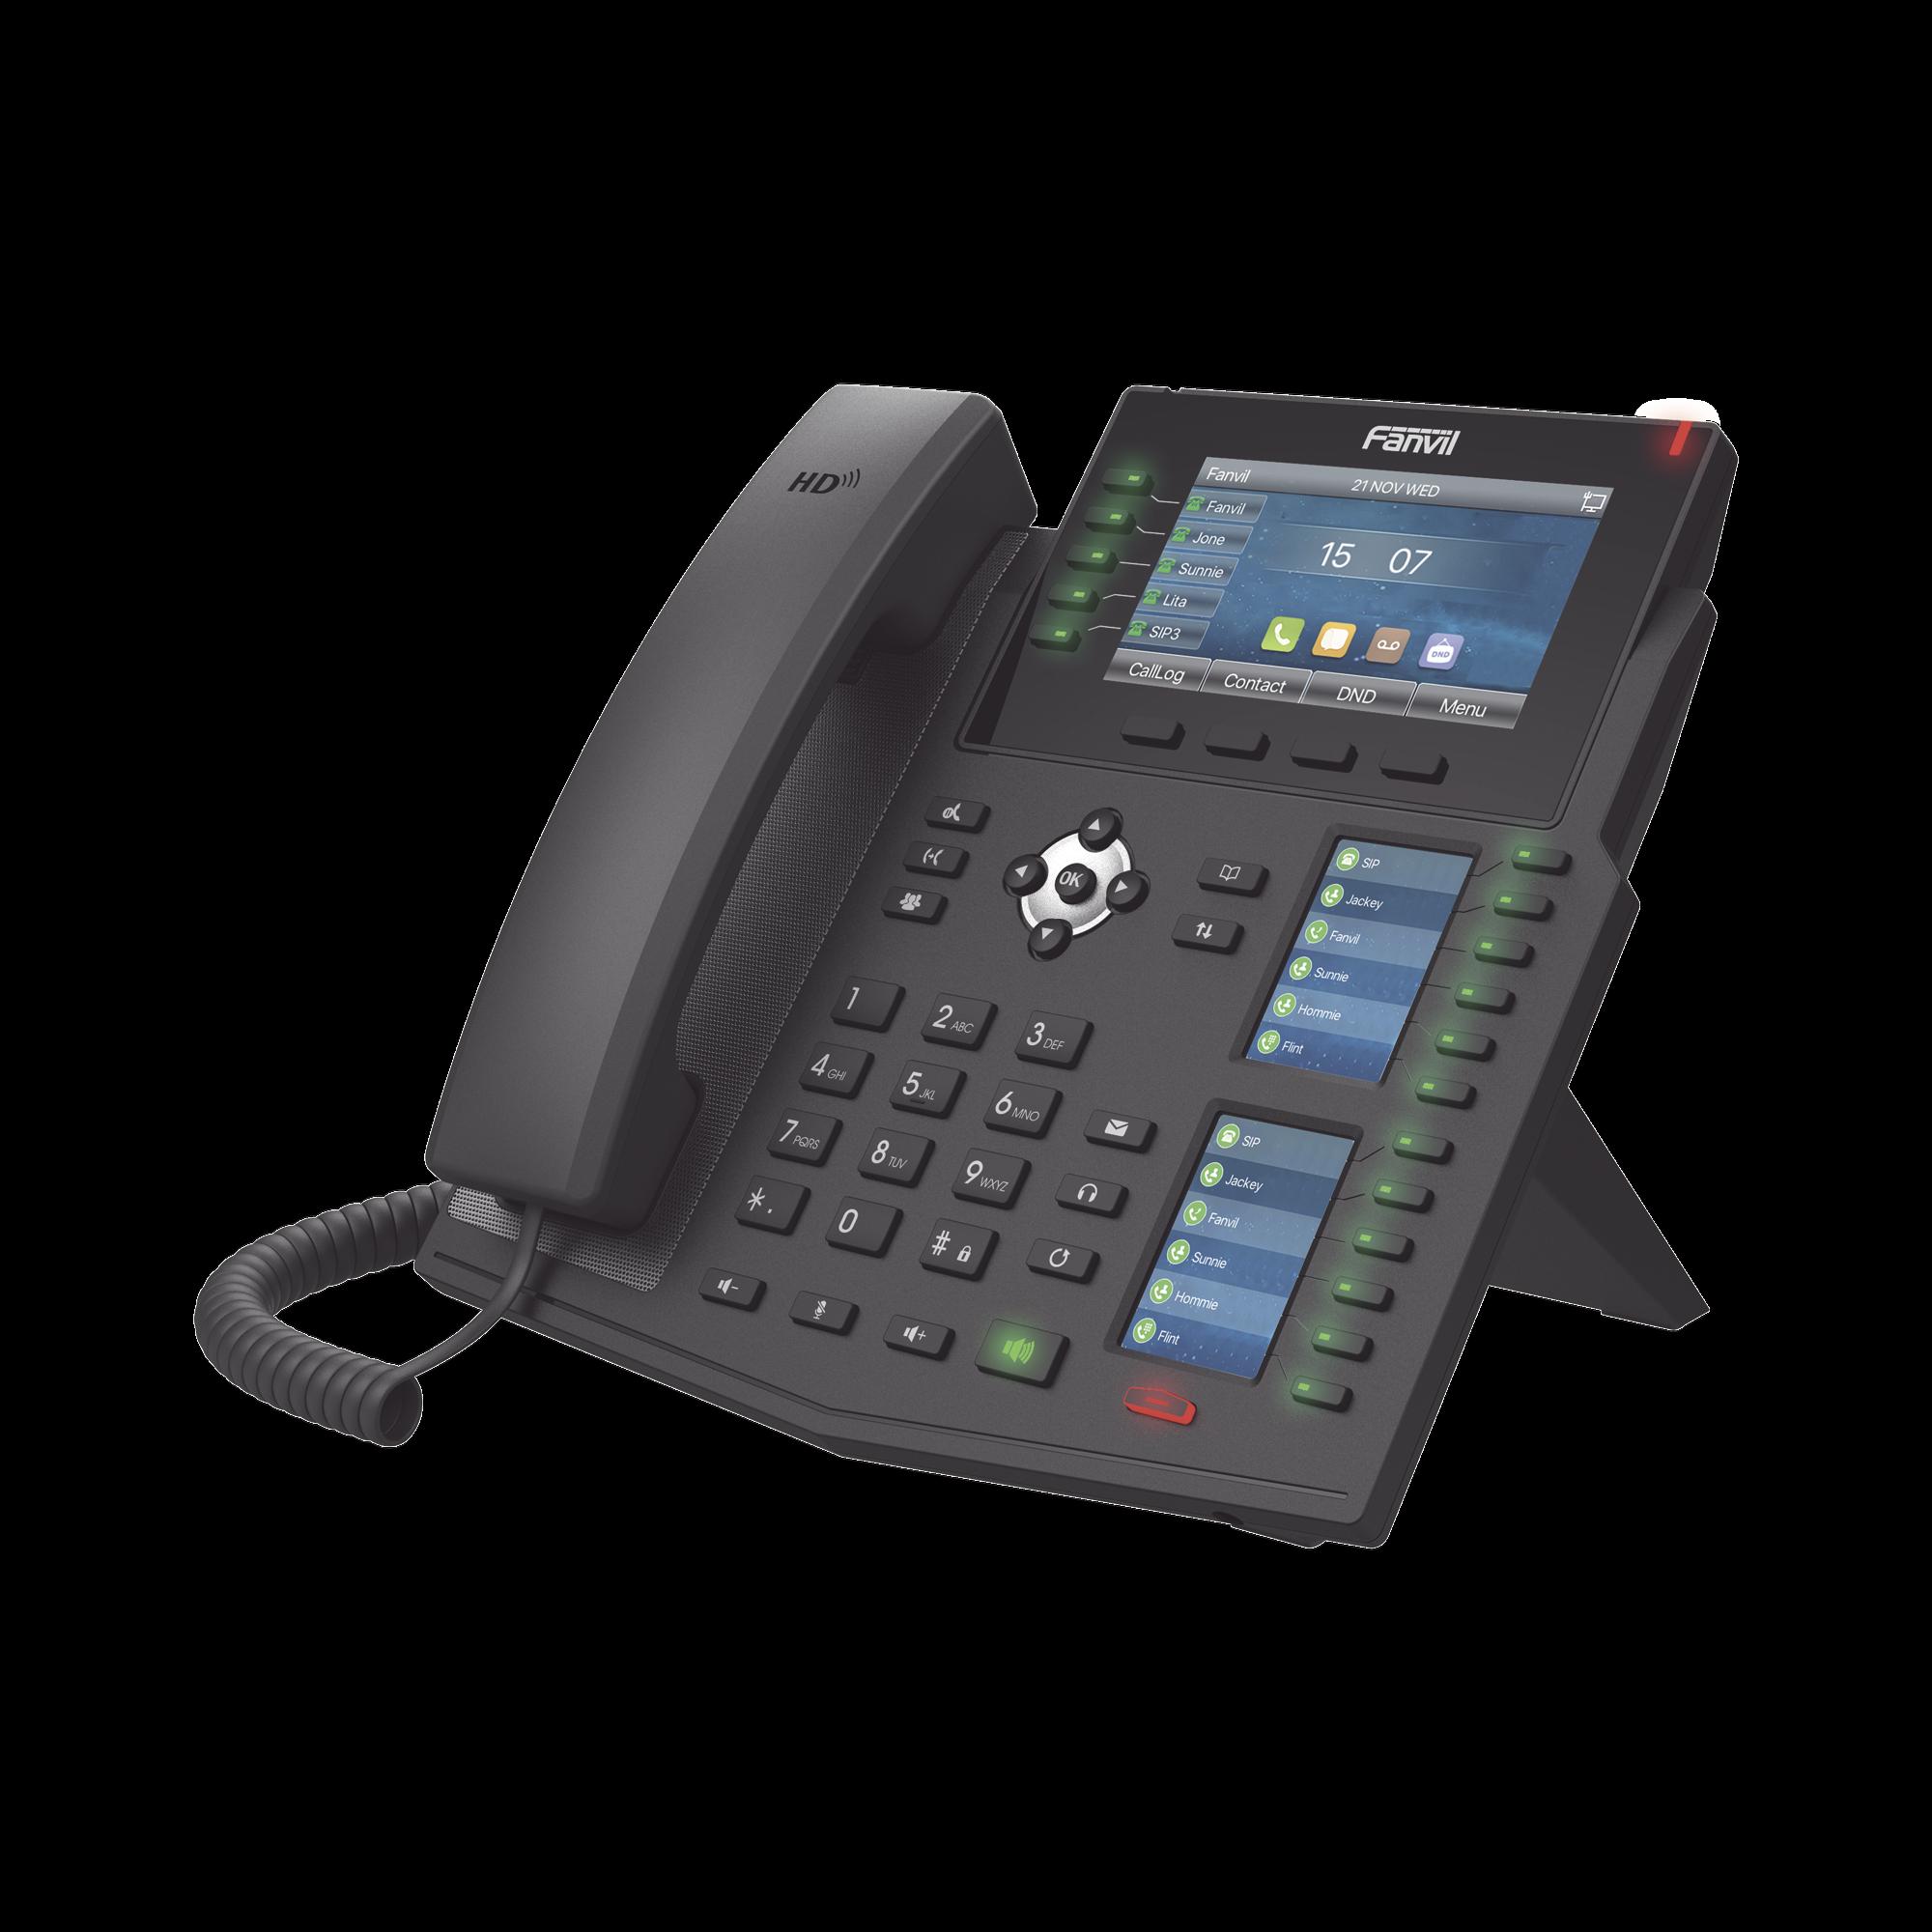 Teléfono IP Empresarial con Estándares Europeos, 20 lineas SIP con pantalla LCD a color, 60 teclas DSS/BLF, puertos Gigabit, IPv6, Opus y conferencia de 3 vías, PoE/DC (incluye fuente).